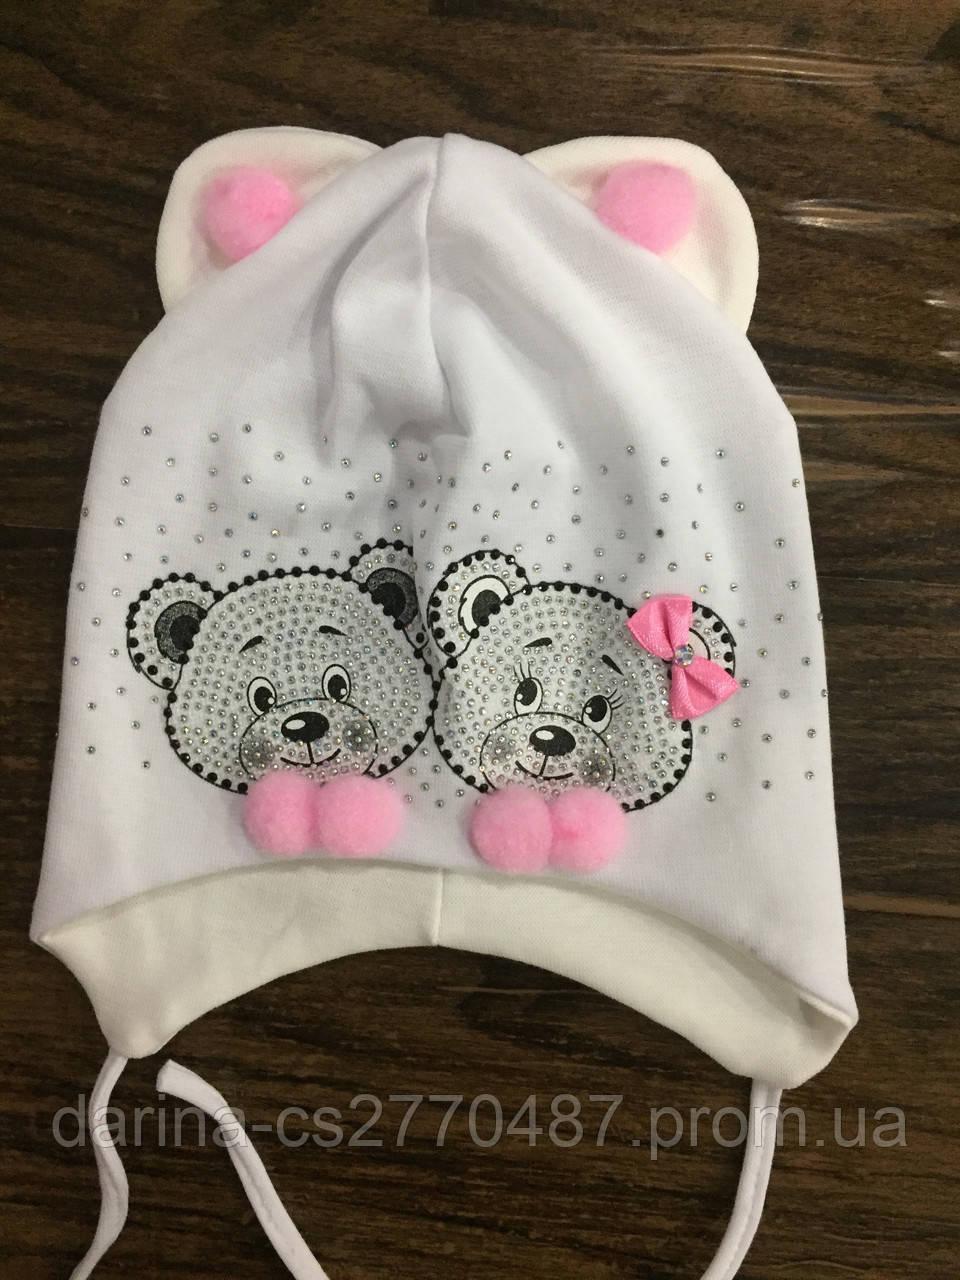 Шапка на завязках для девочки с мишками